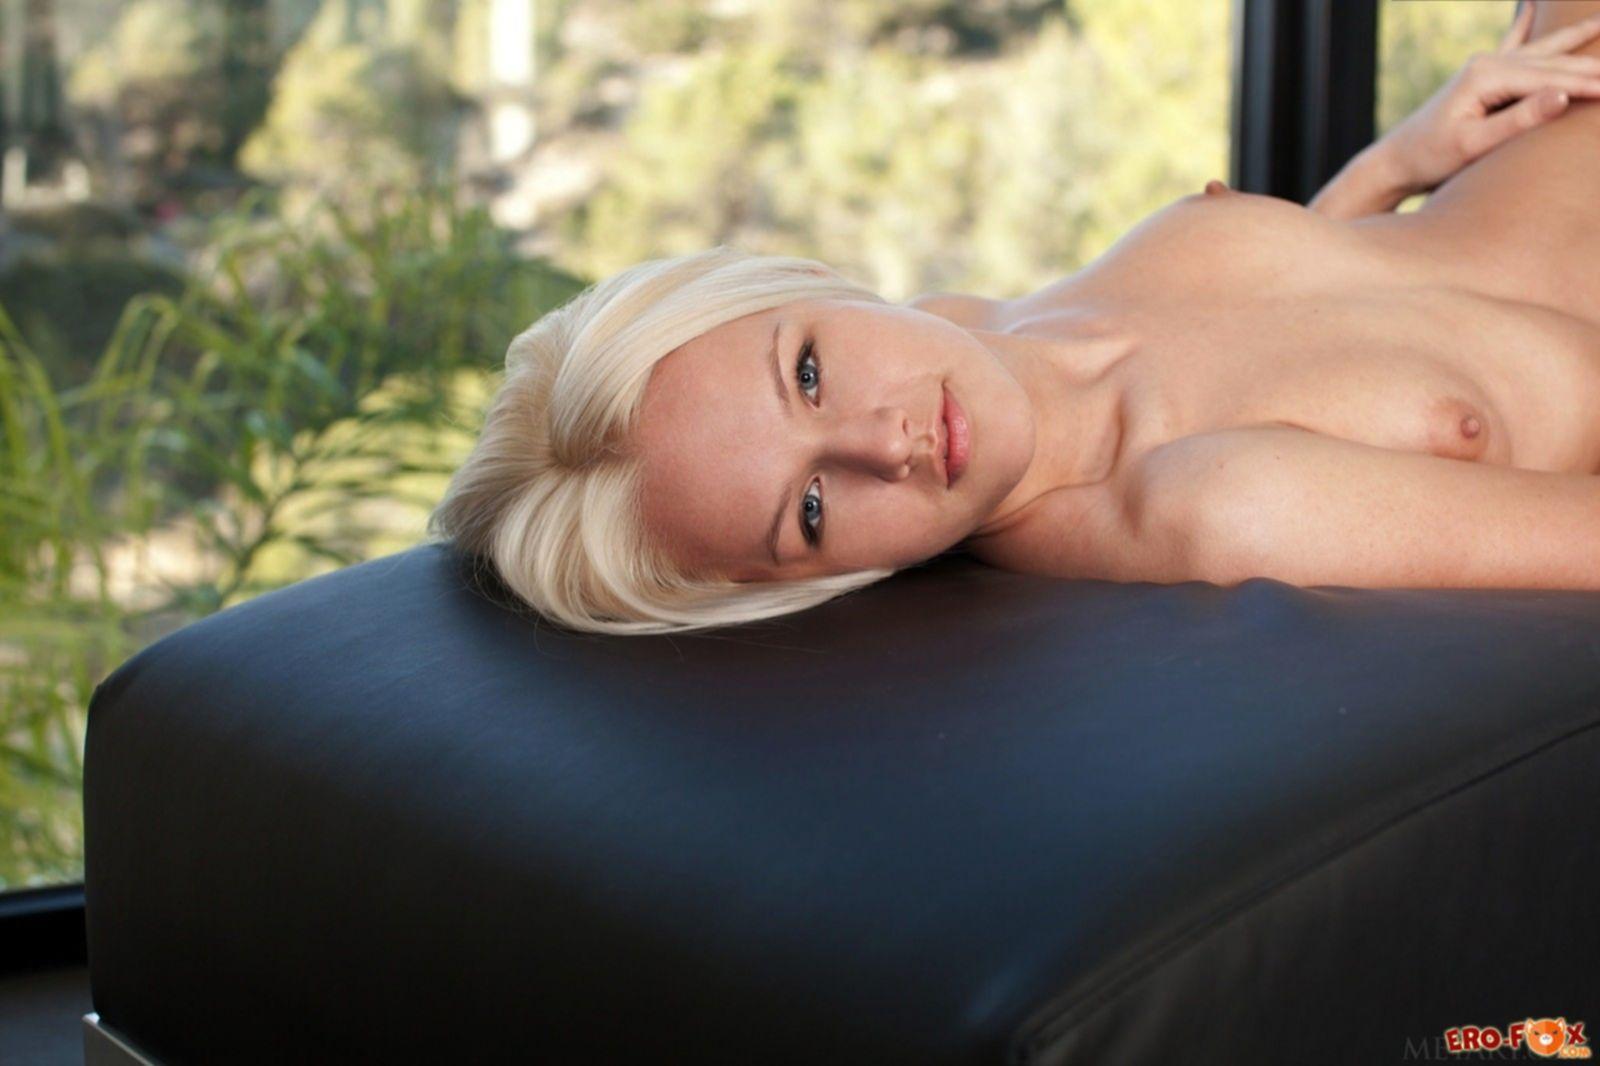 Стройная блондинка с упругой грудью и красивым телом - фото